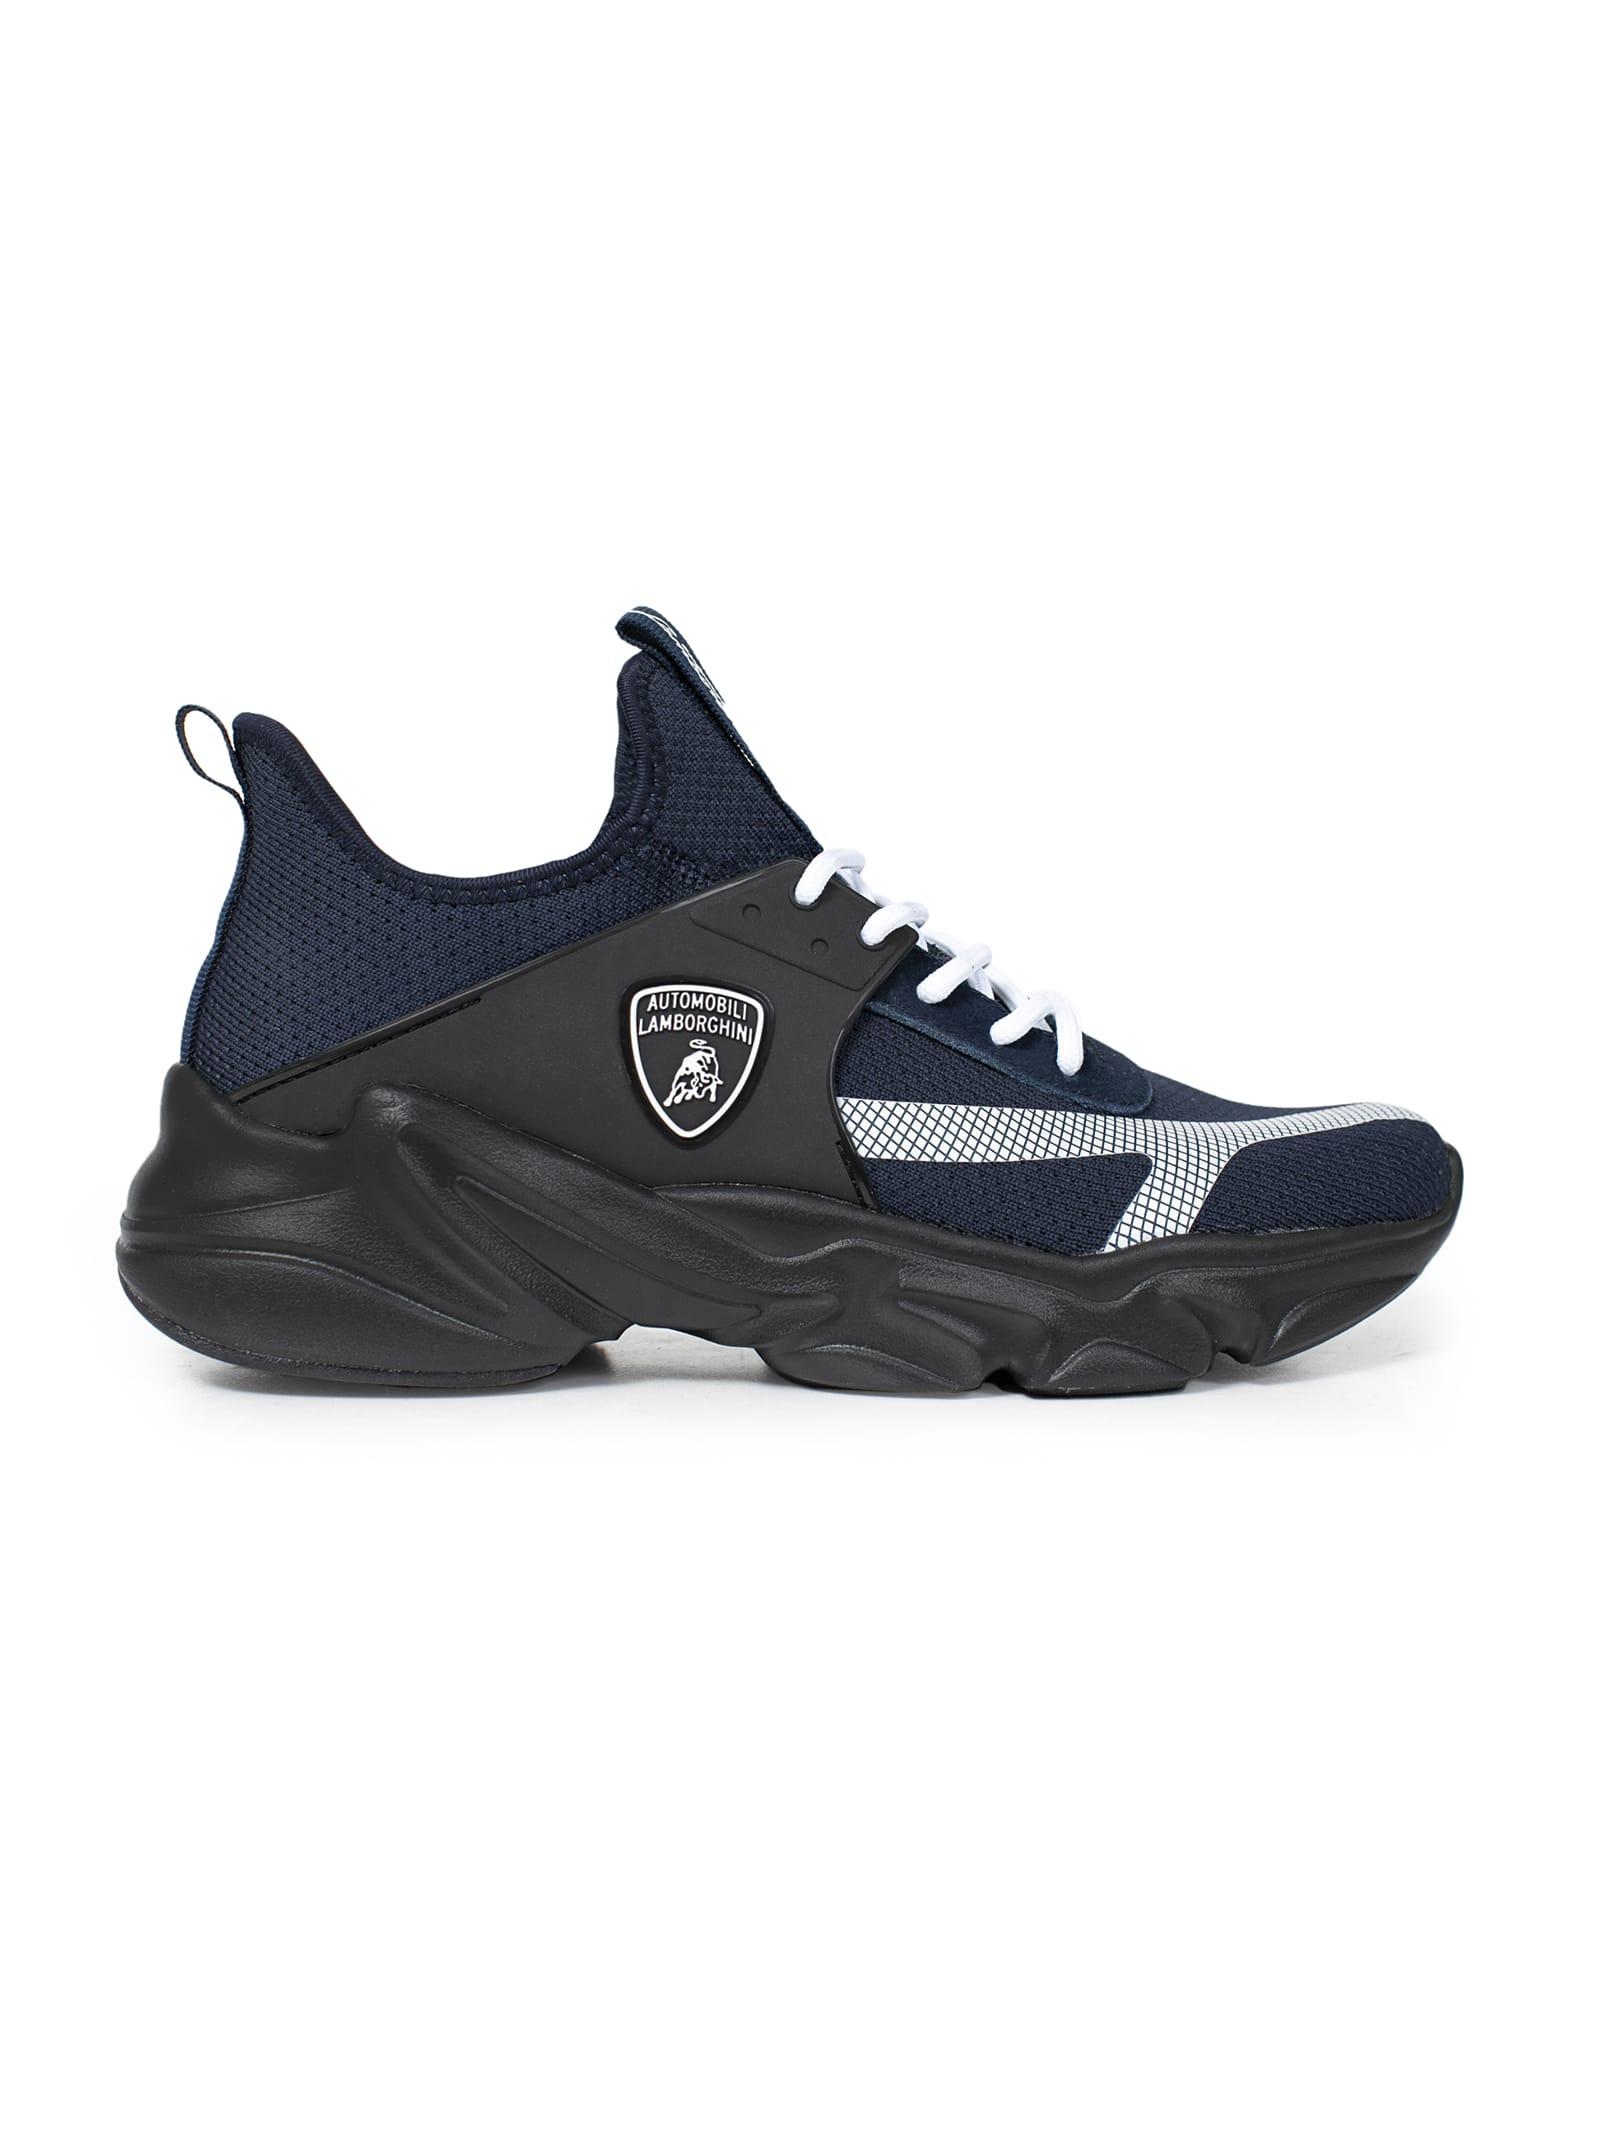 Flyknit y Insert Sneakers